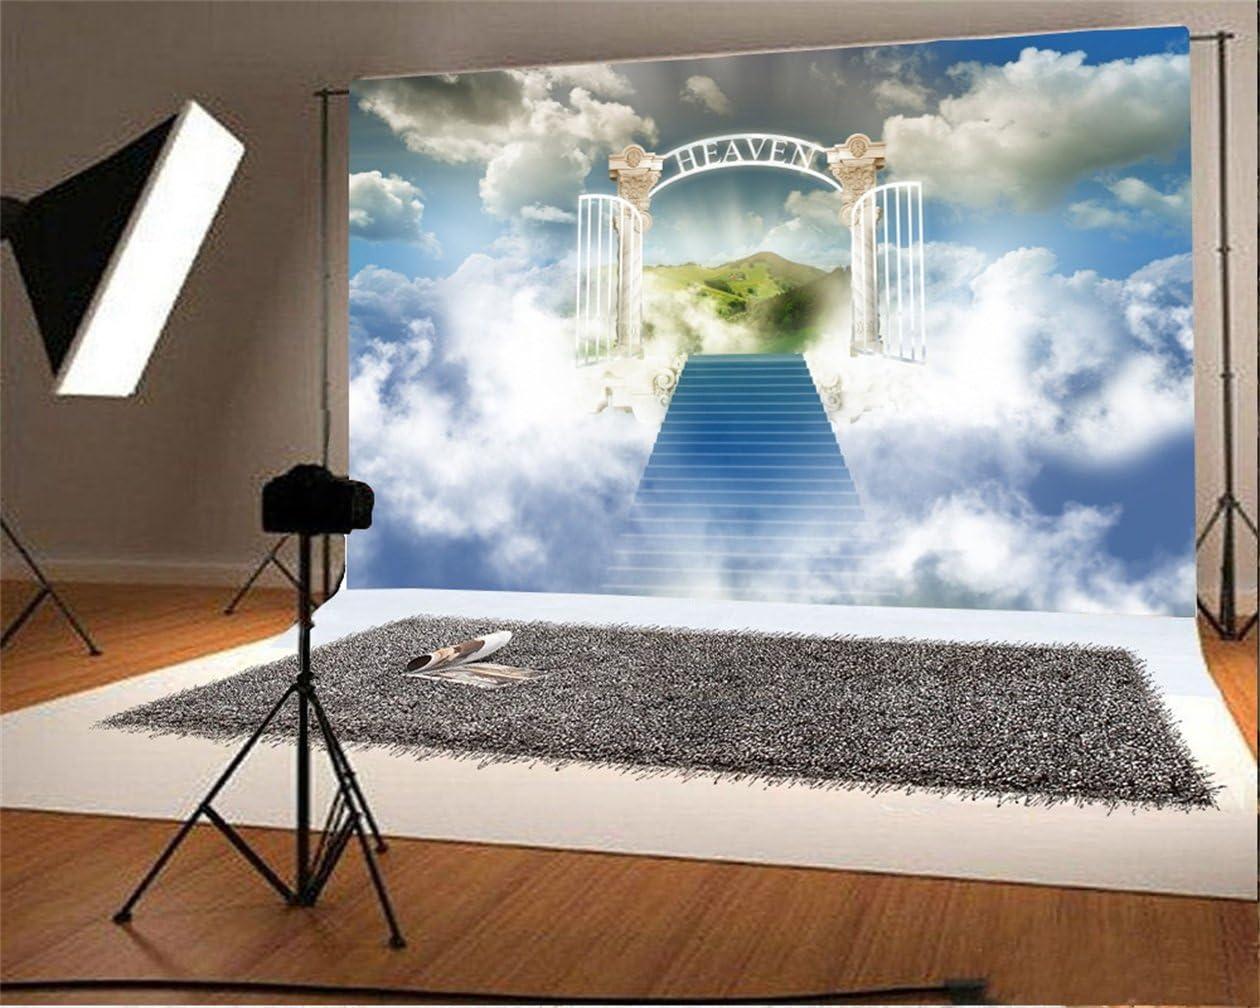 Csfoto Hintergrund Für Paridise Im Himmel Fotografie Kamera